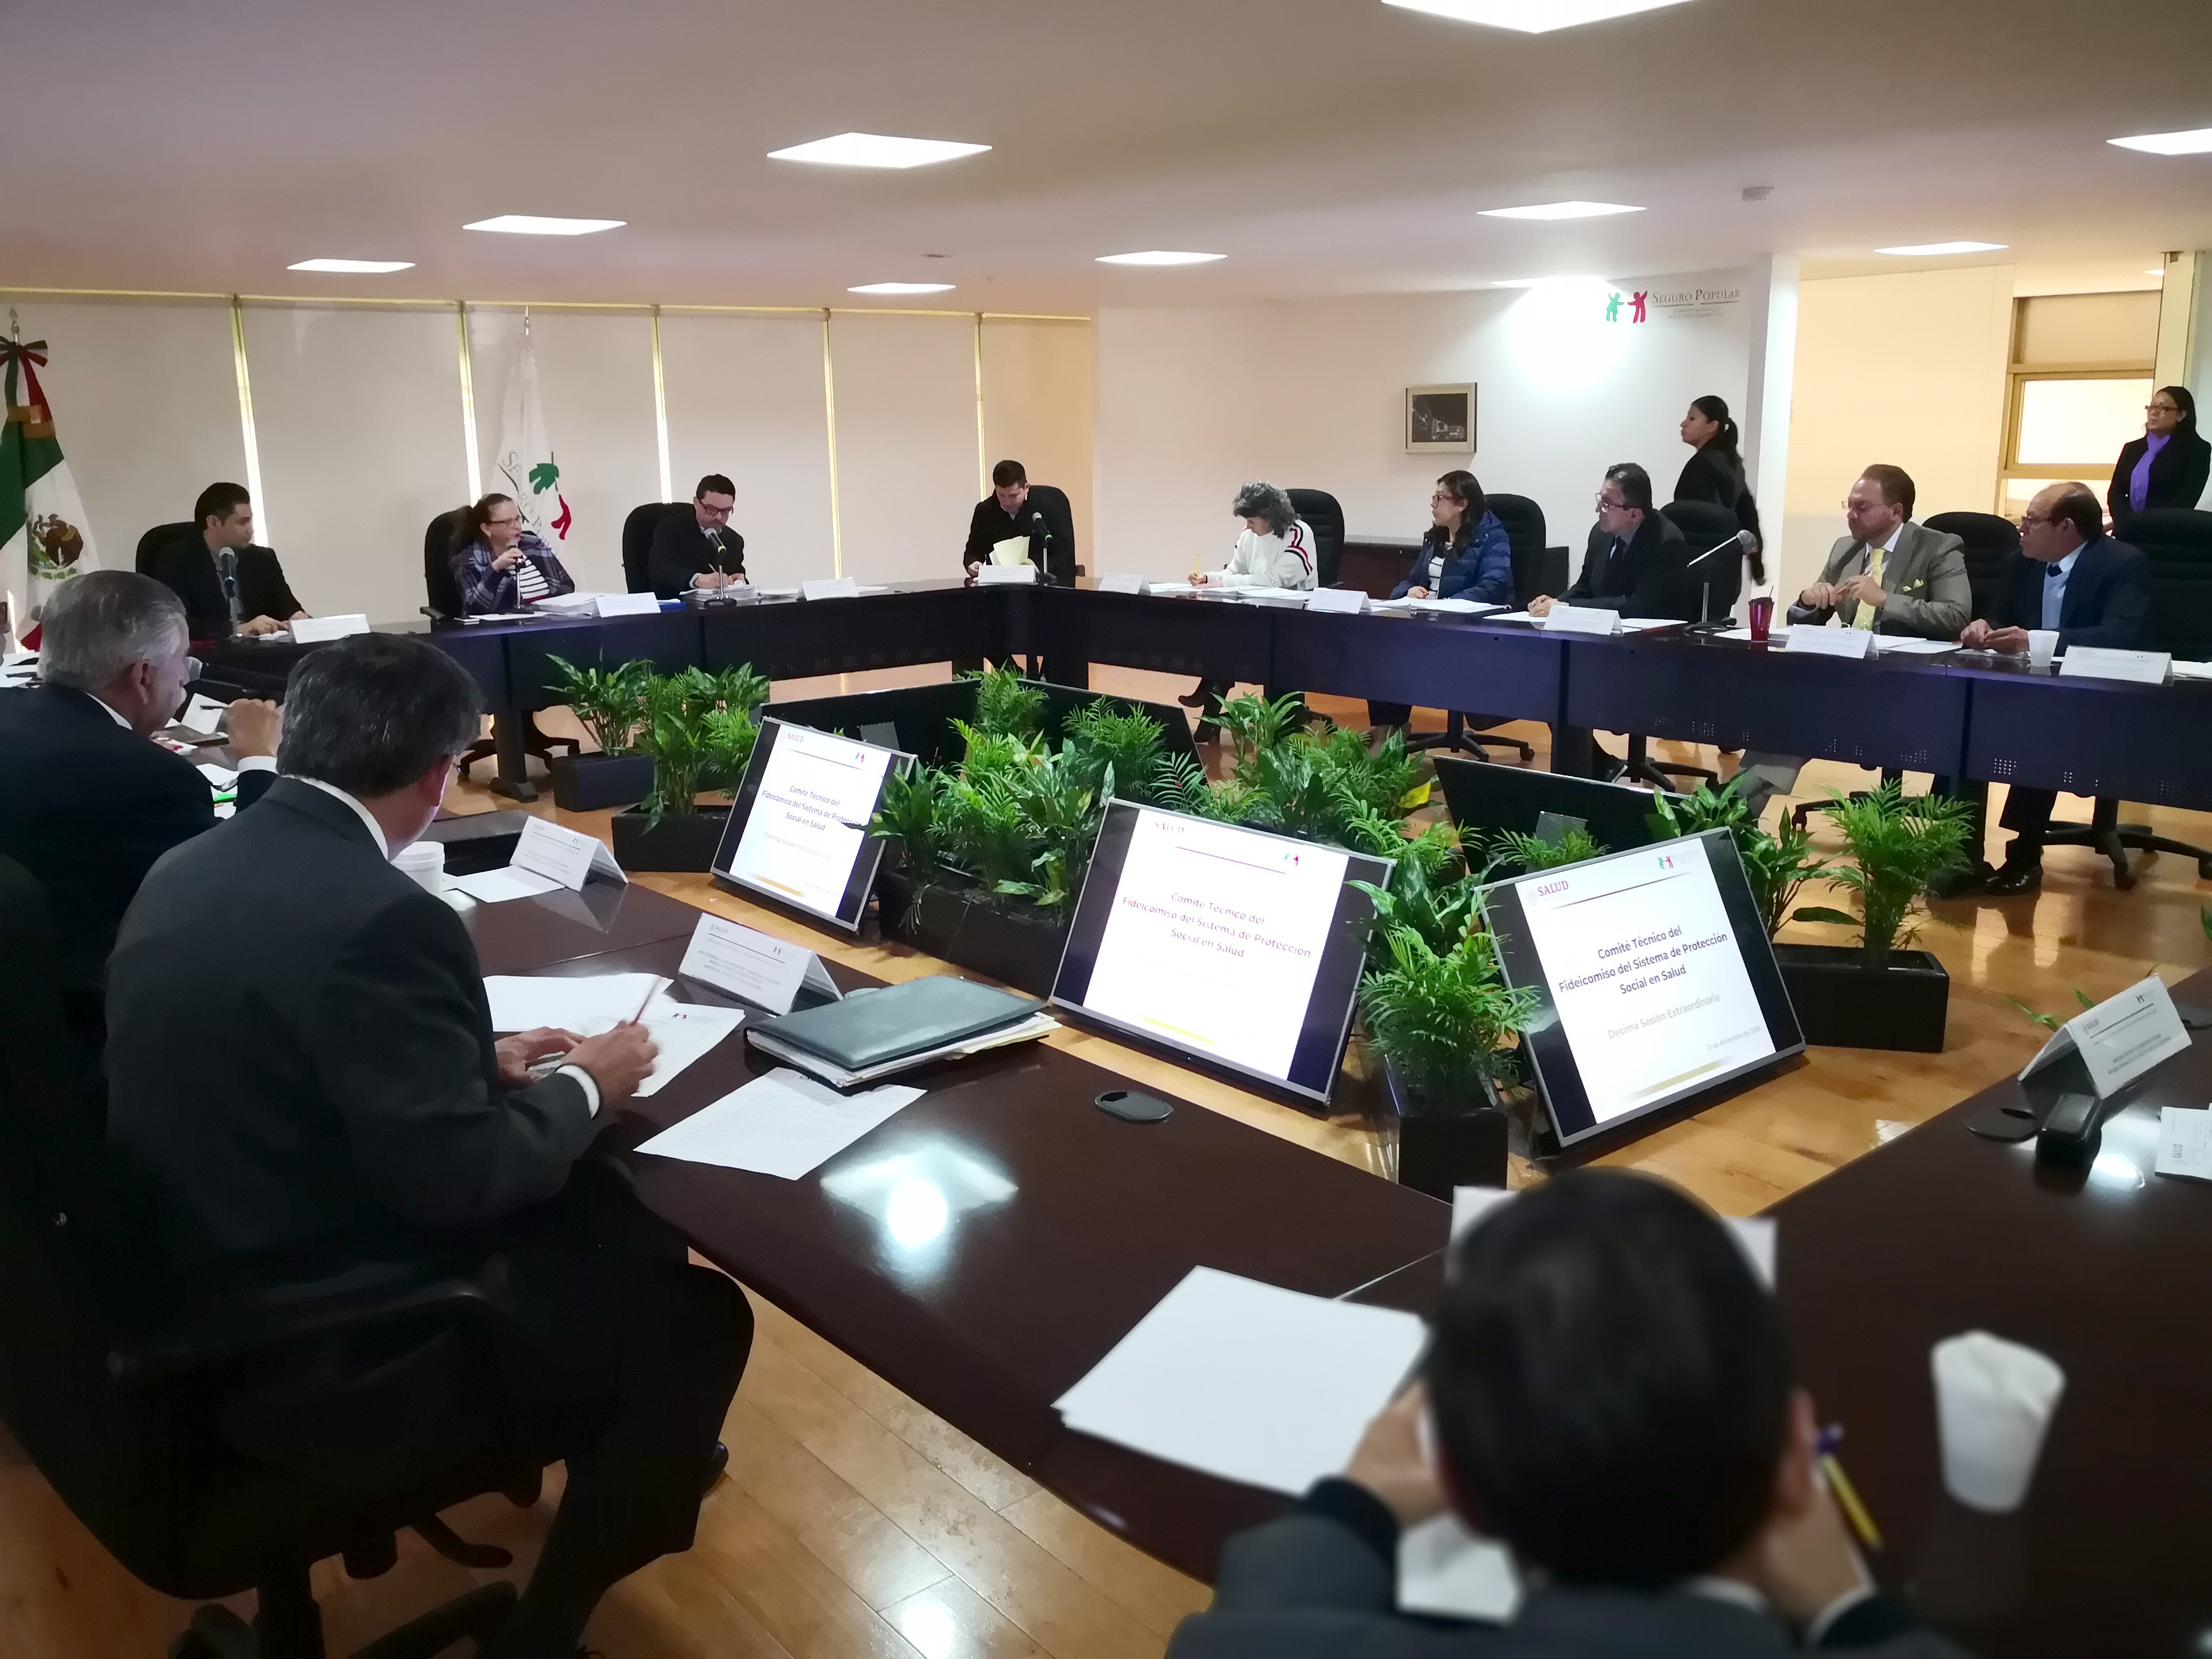 El Seguro Popular se transforma y protege la economía de sus afiliados: la CNPSS autoriza más de 9 MMDP para el FPGC